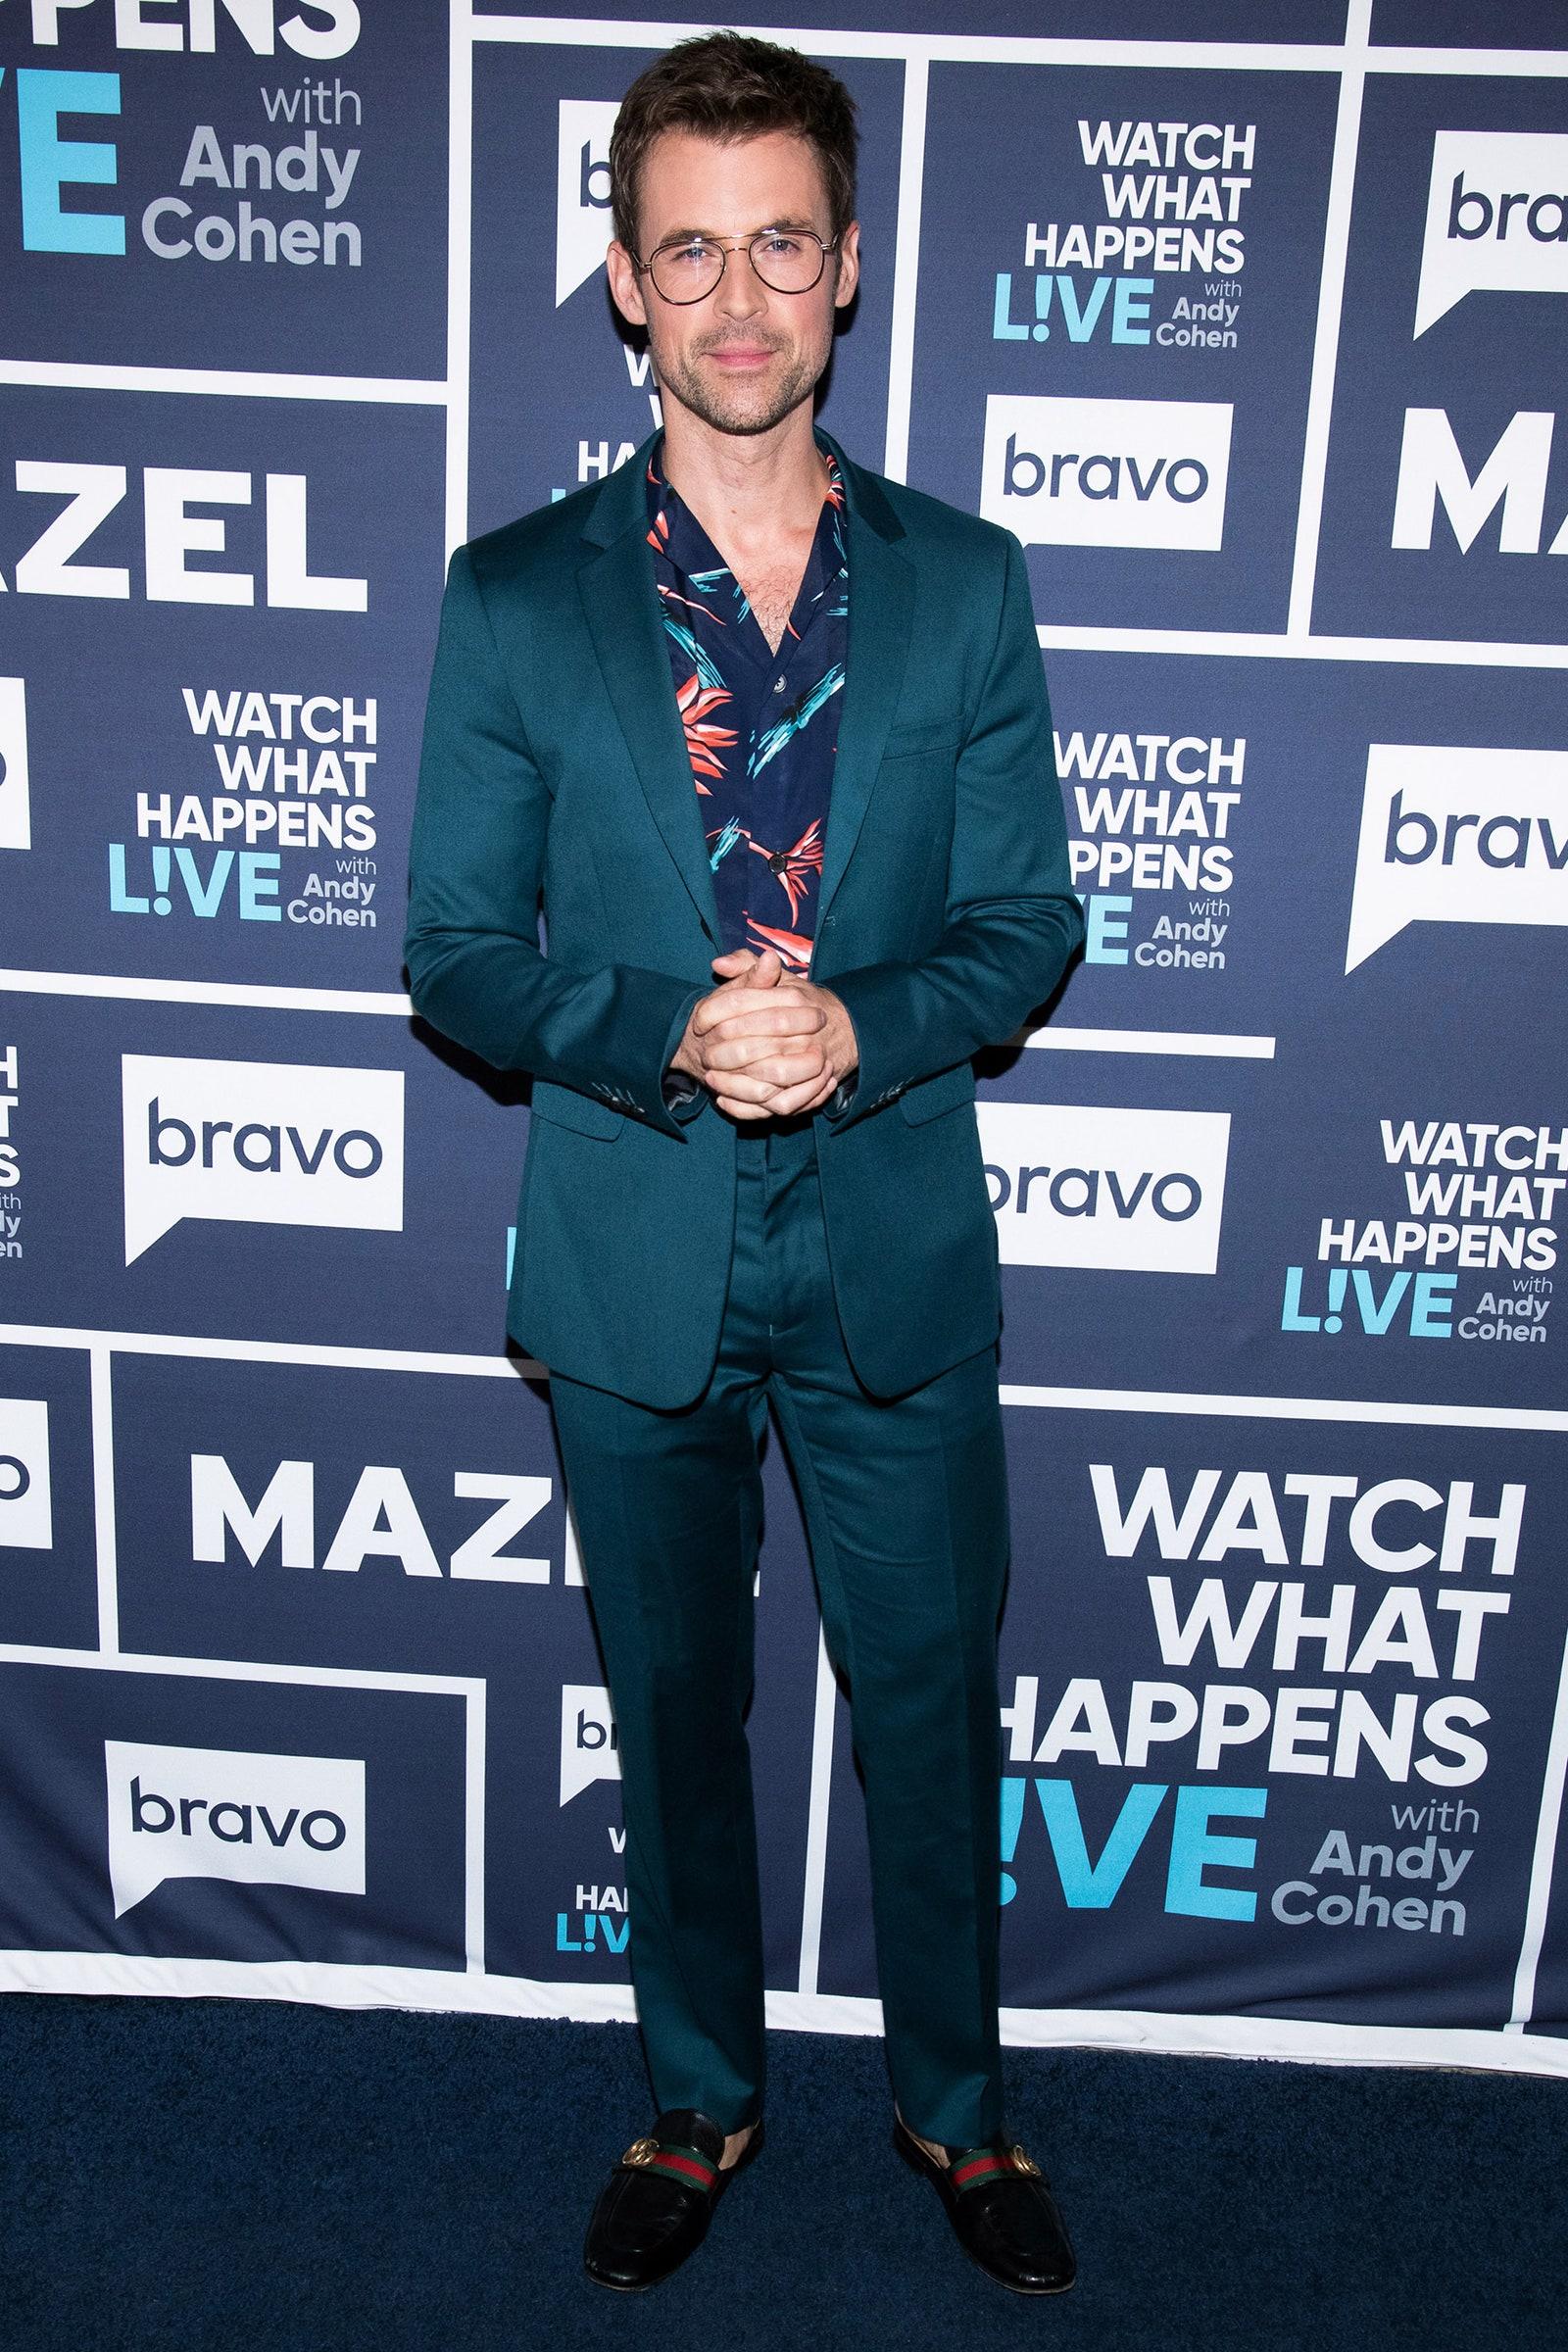 áo hawaii và suit xanh